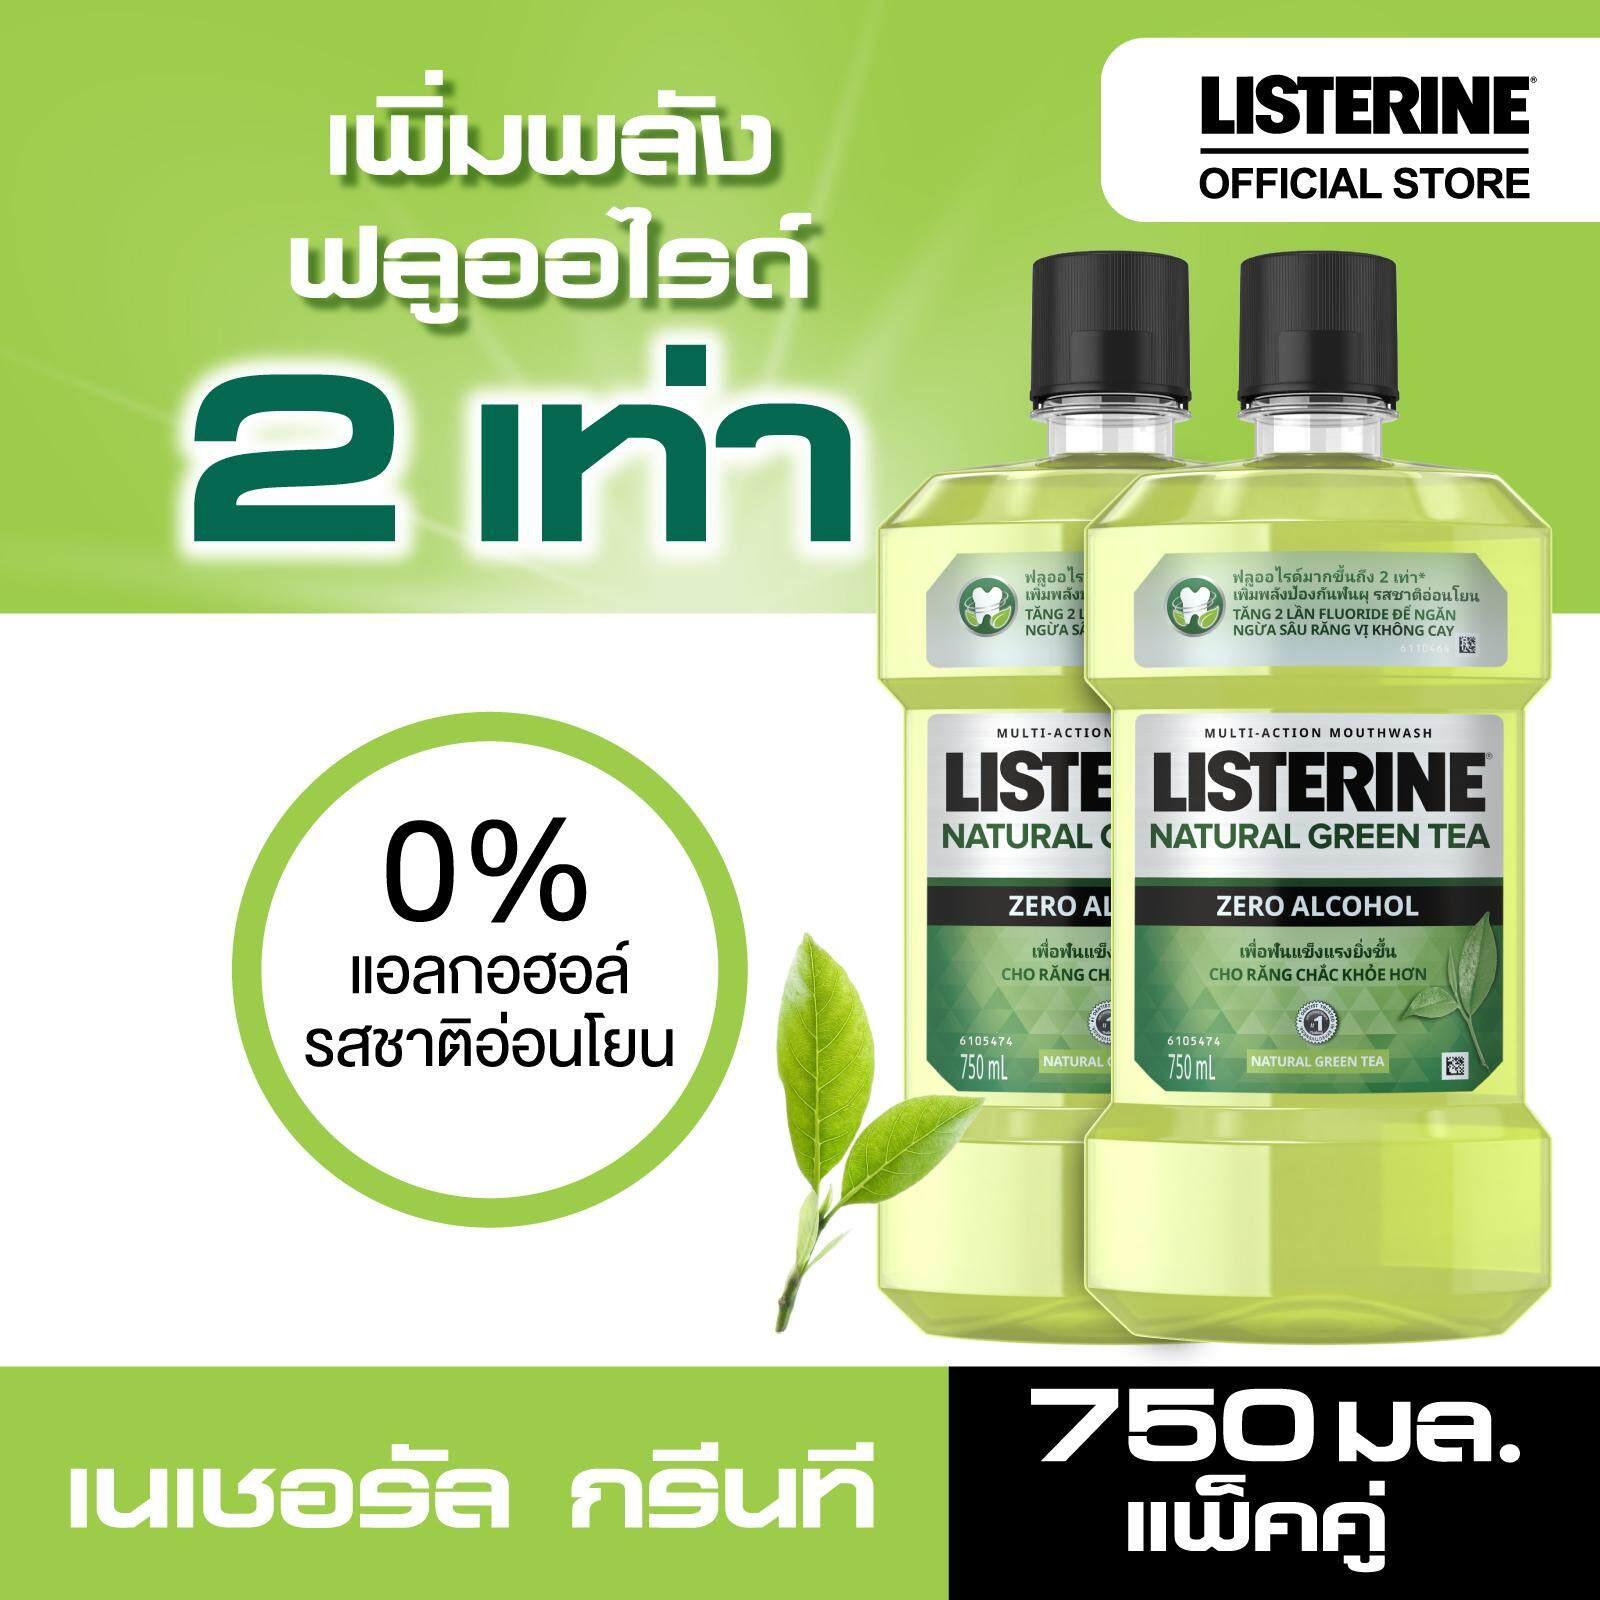 ลิสเตอรีน น้ำยาบ้วนปาก เนเชอรัล กรีนที 750มล. แพ็คคู่ Listerine mouthwash Natural greentea 750ml. x2